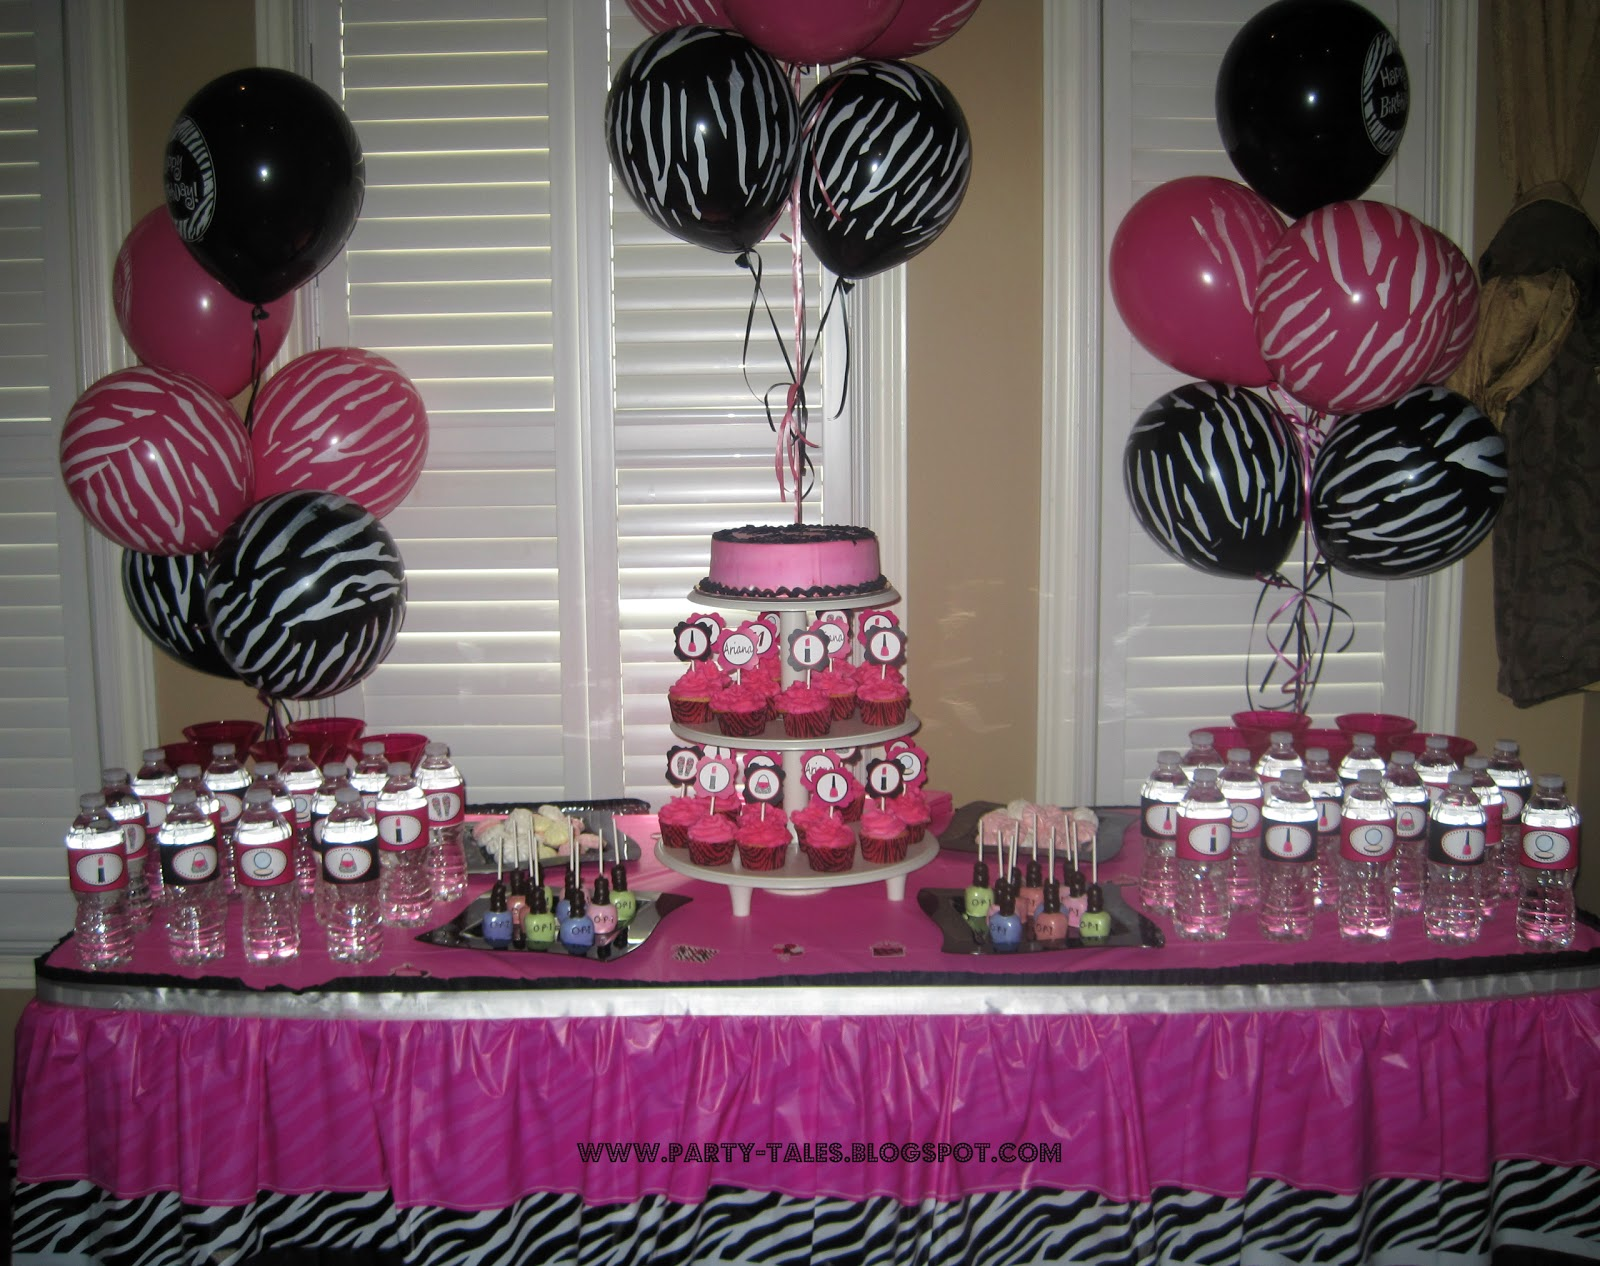 Zebra Print Party Supplies Party Favors Ideas